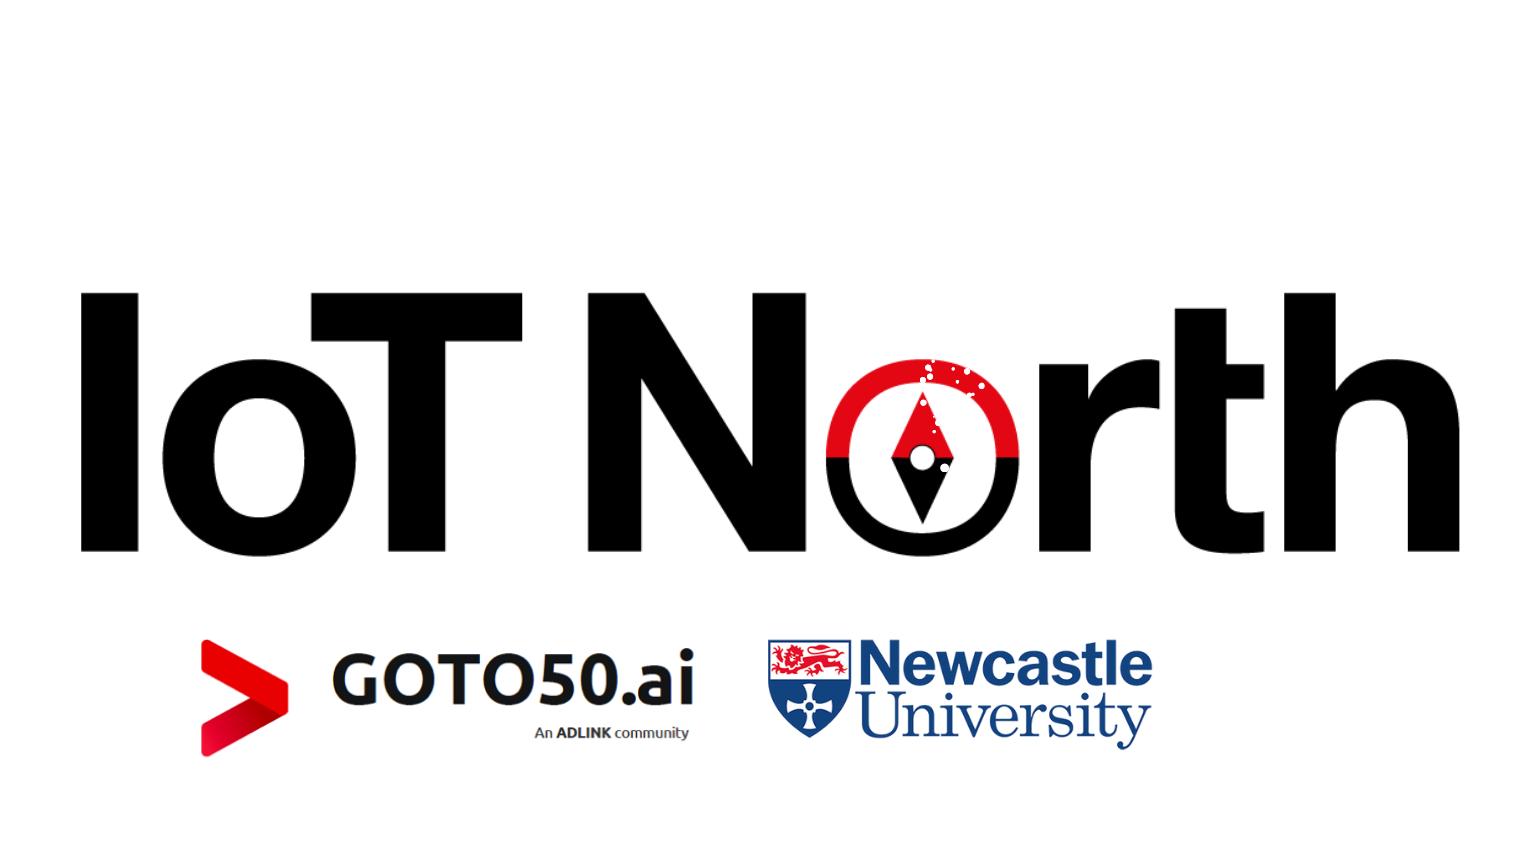 IoT North - Leeds